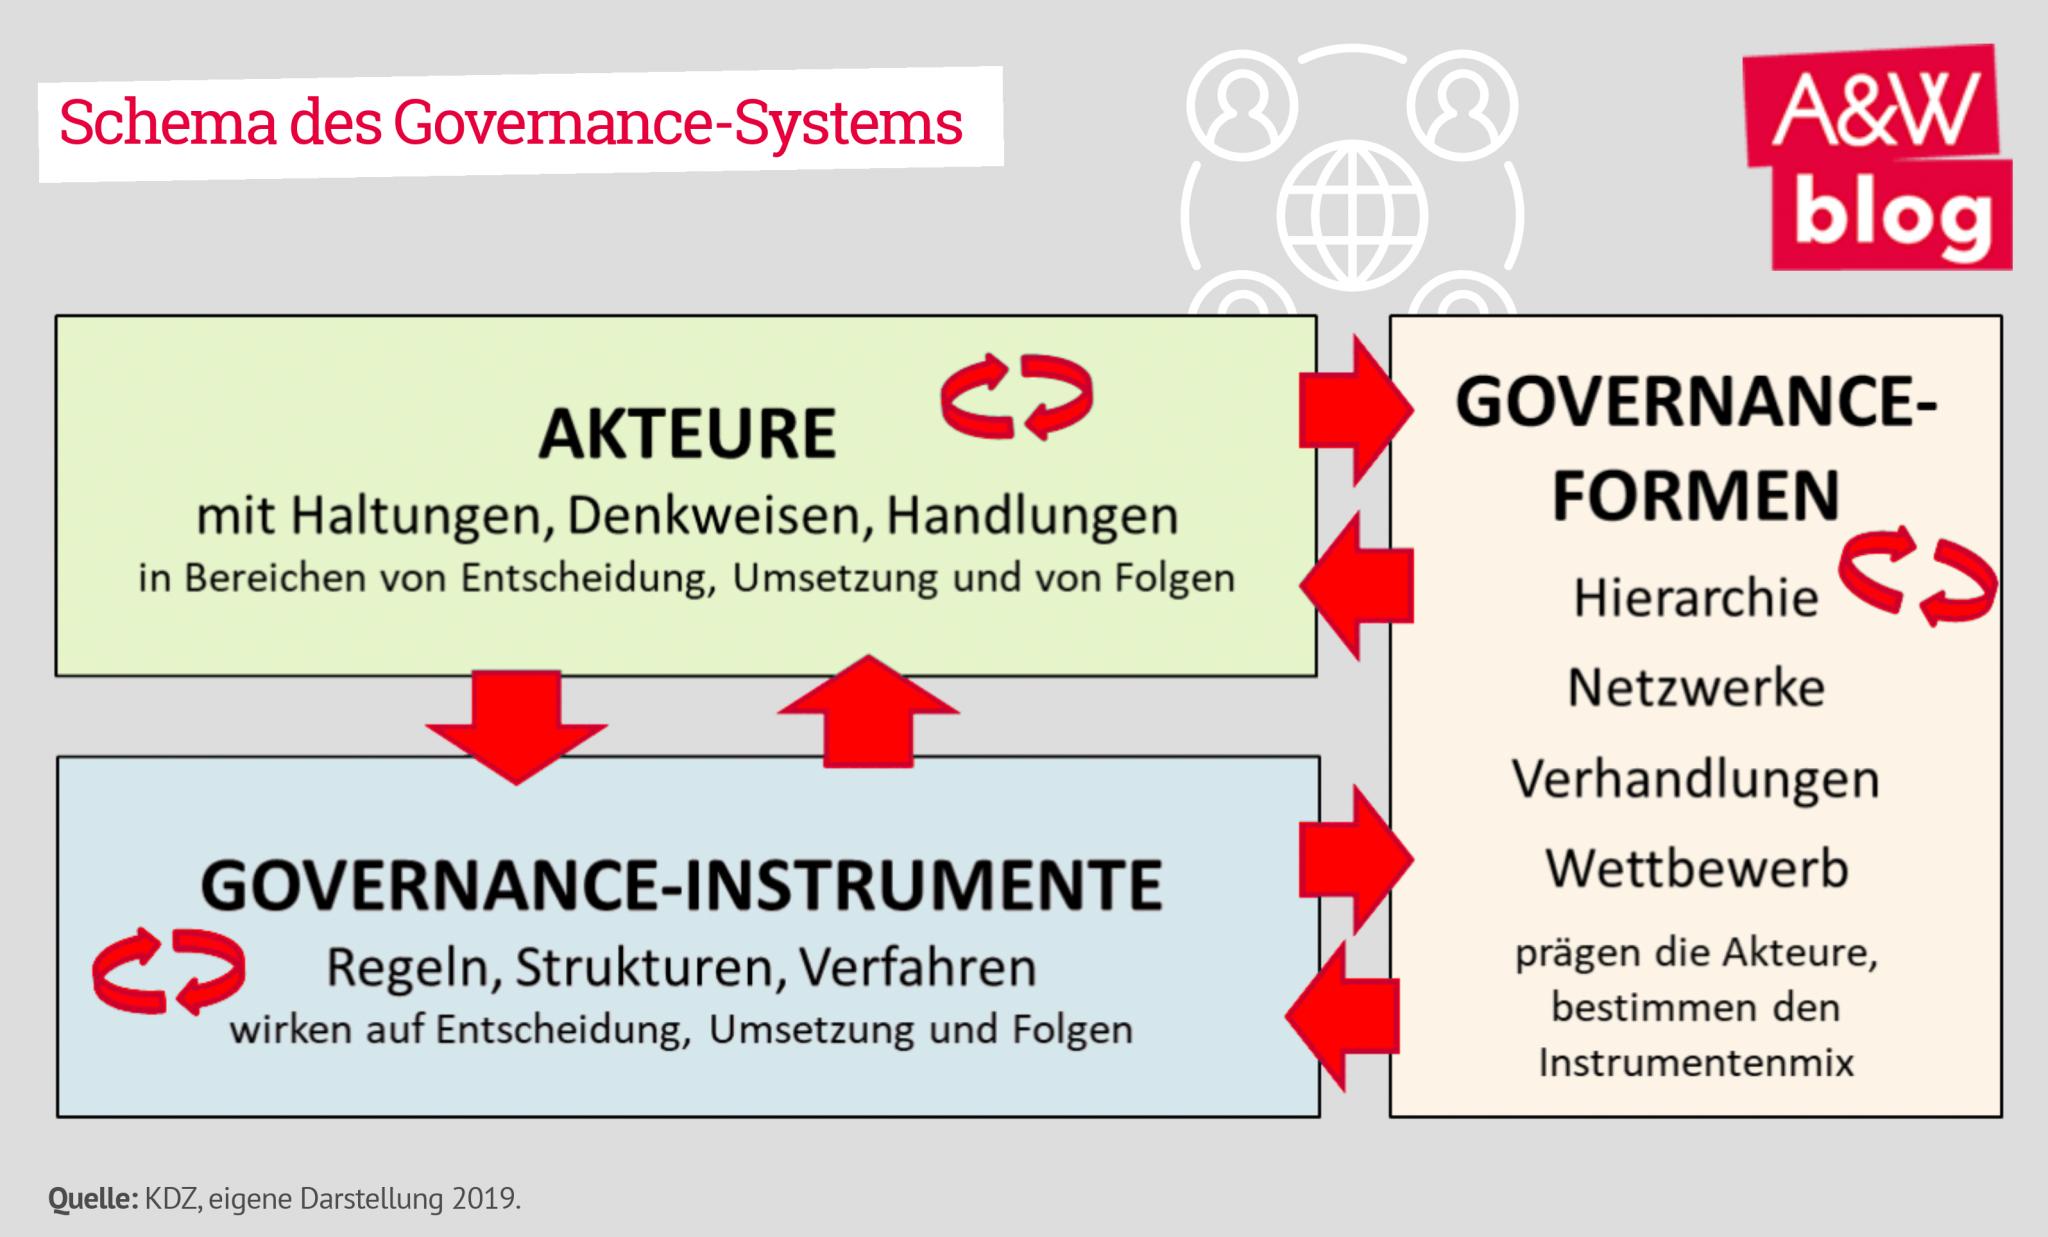 Schema des Governance-Systems